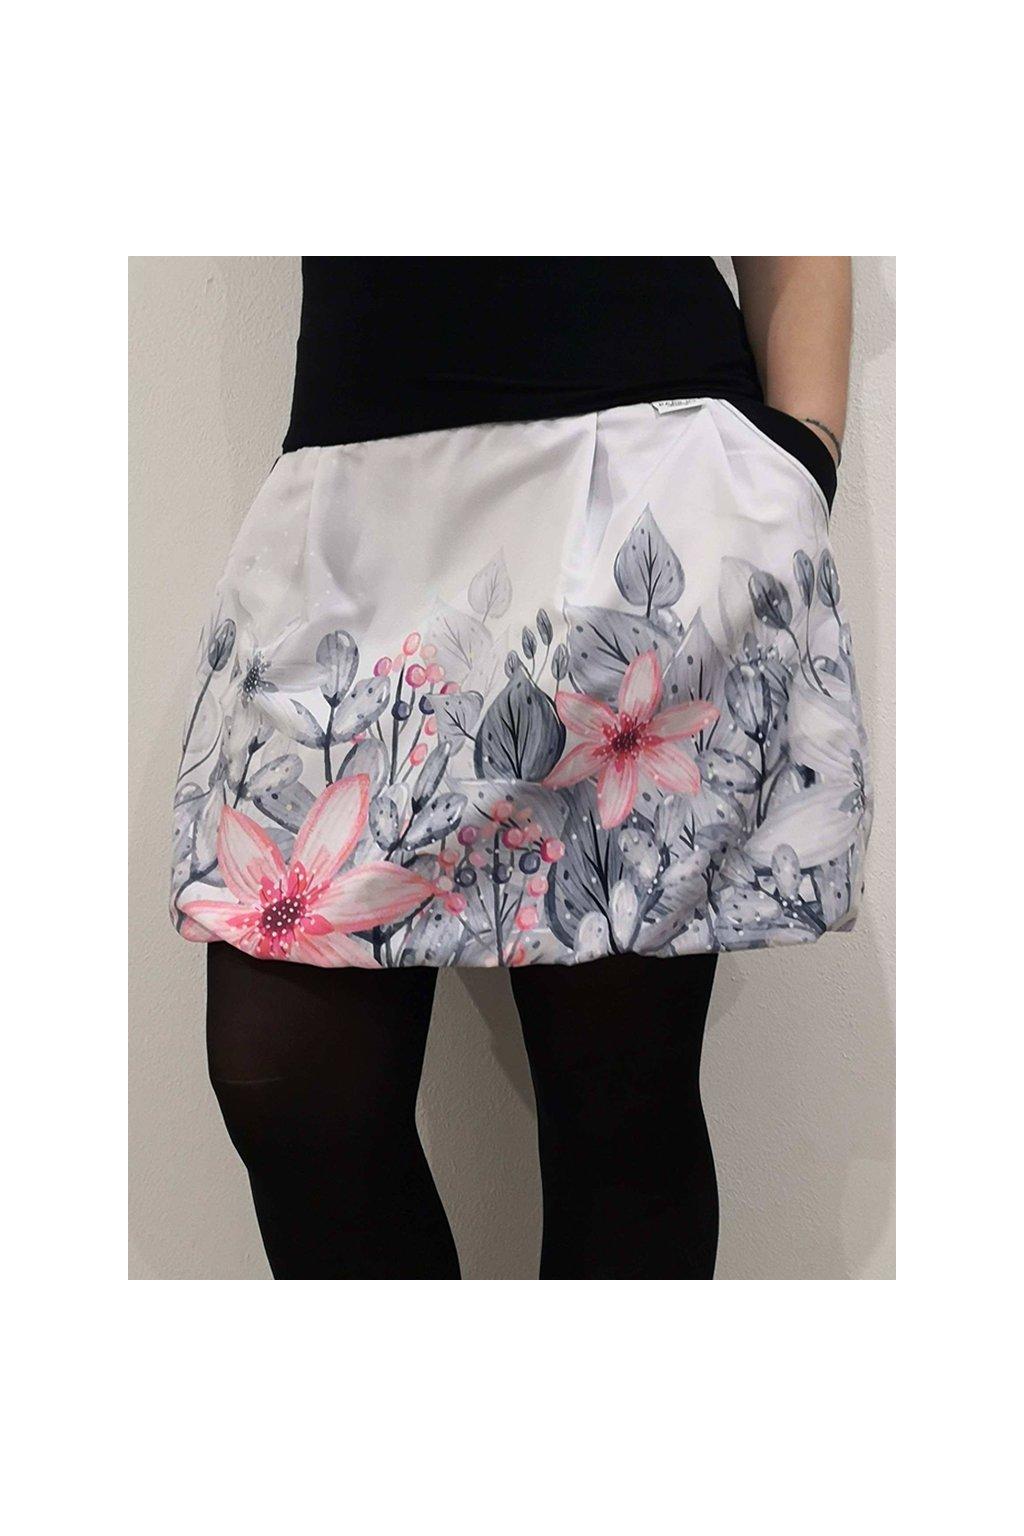 balonova sukne zimni kvety papilio clothing.cz